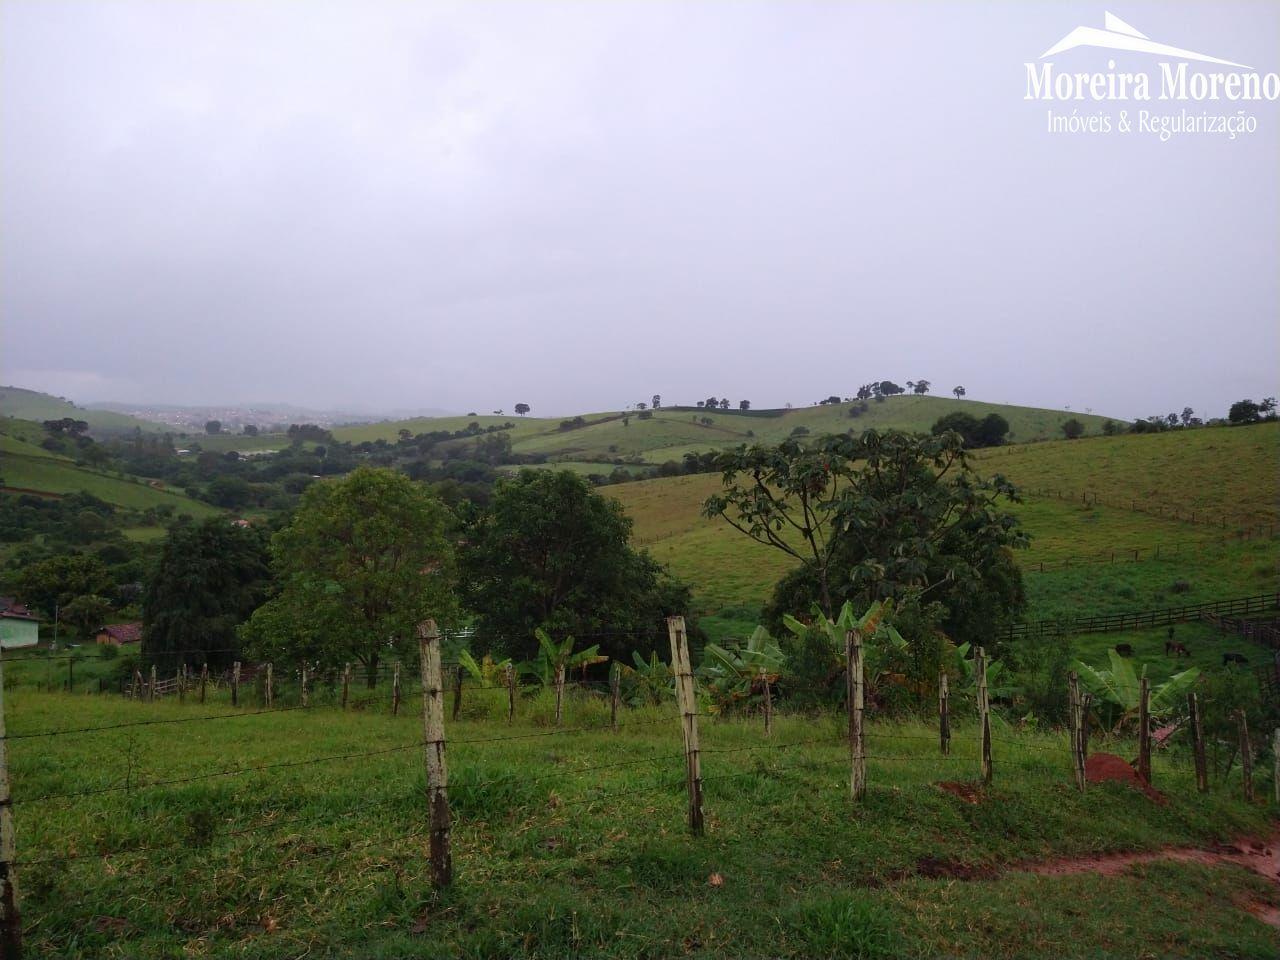 Fazenda/sítio/chácara/haras à venda  no Zona Rural - Borda da Mata, MG. Imóveis